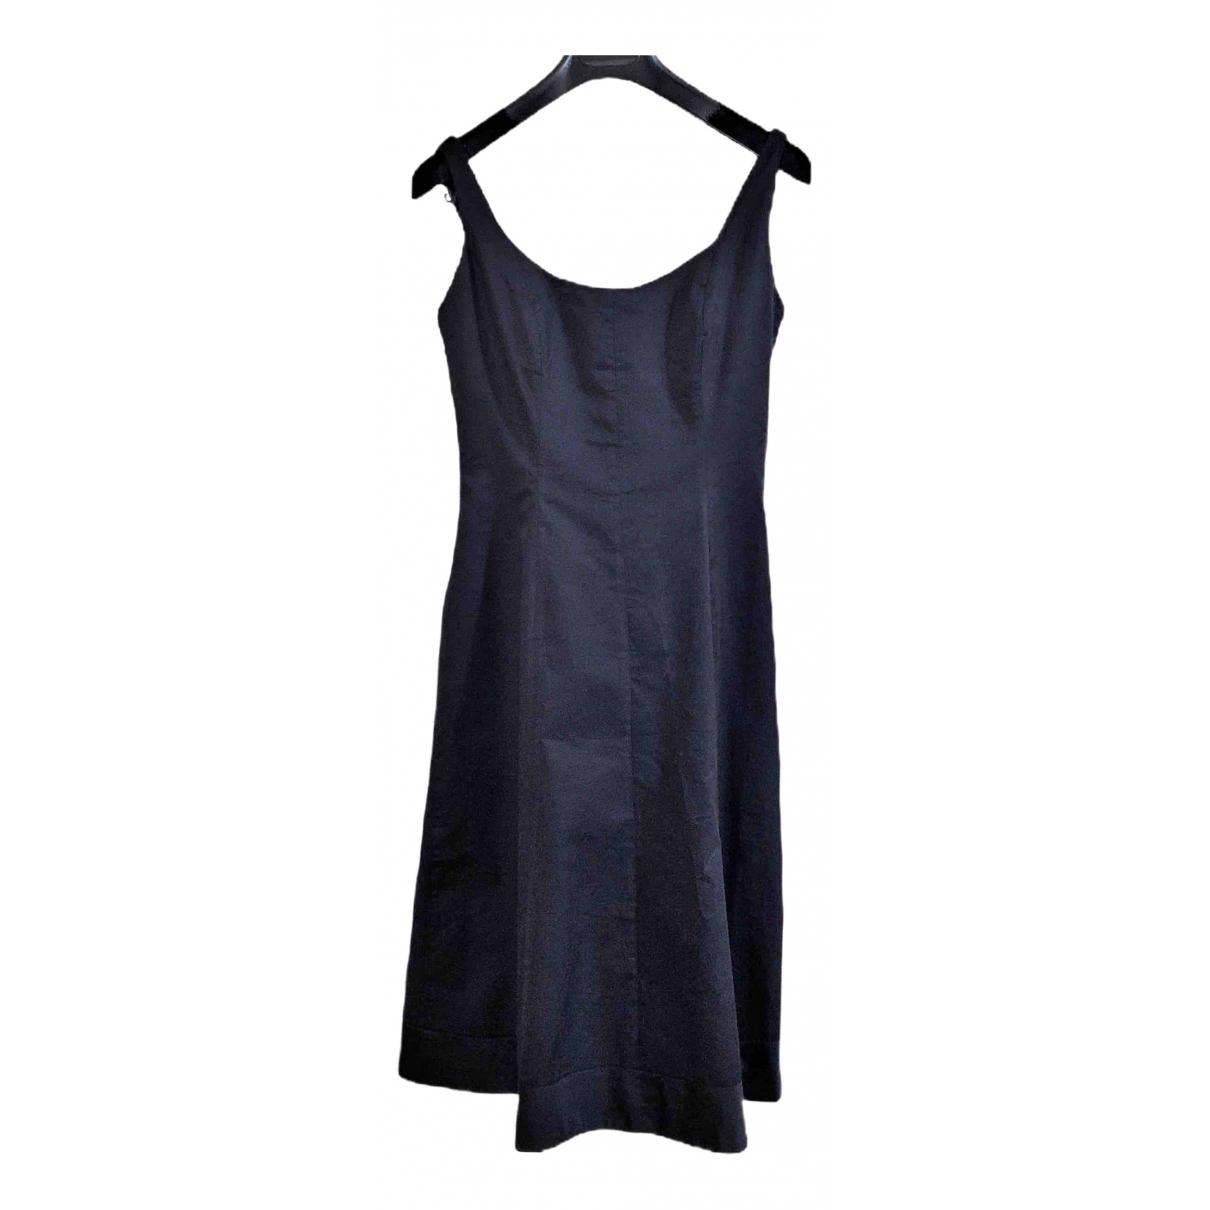 Sjp By Sarah Jessica Parker - Robe   pour femme en coton - noir